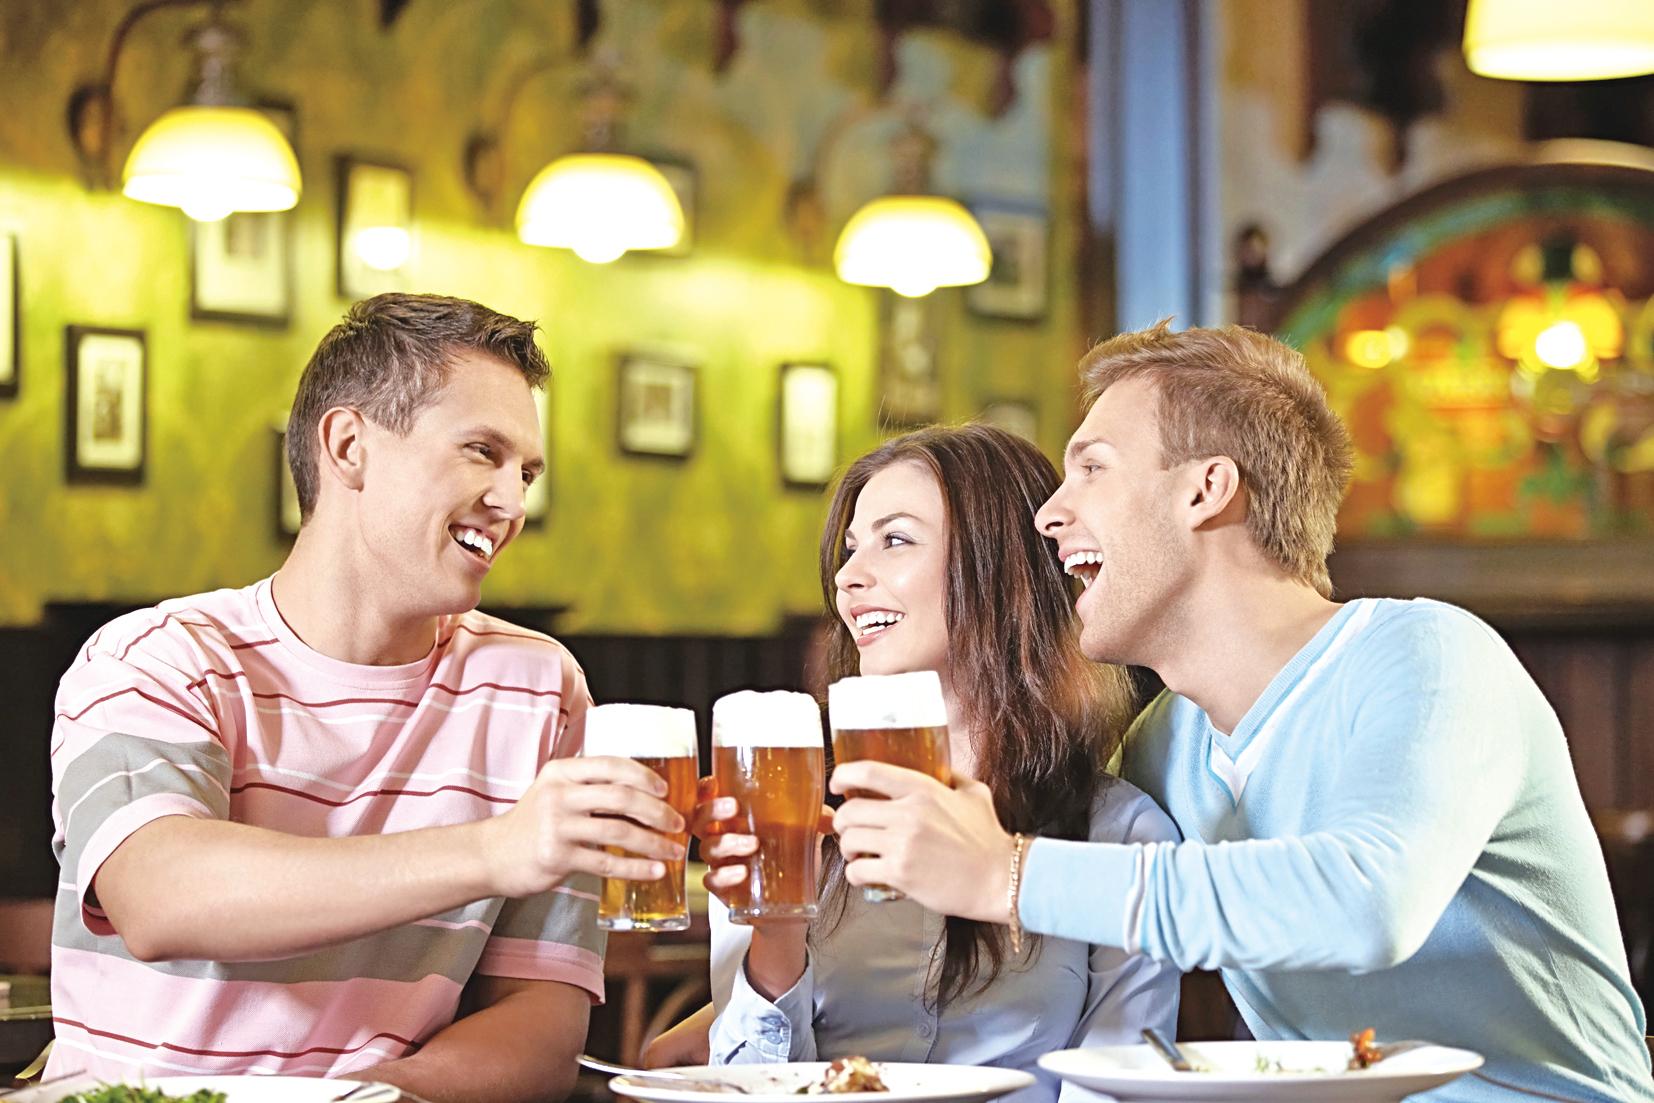 德國是著名的啤酒王國,但德國啤酒製造商們正在嚴重虧損的情況中掙扎。